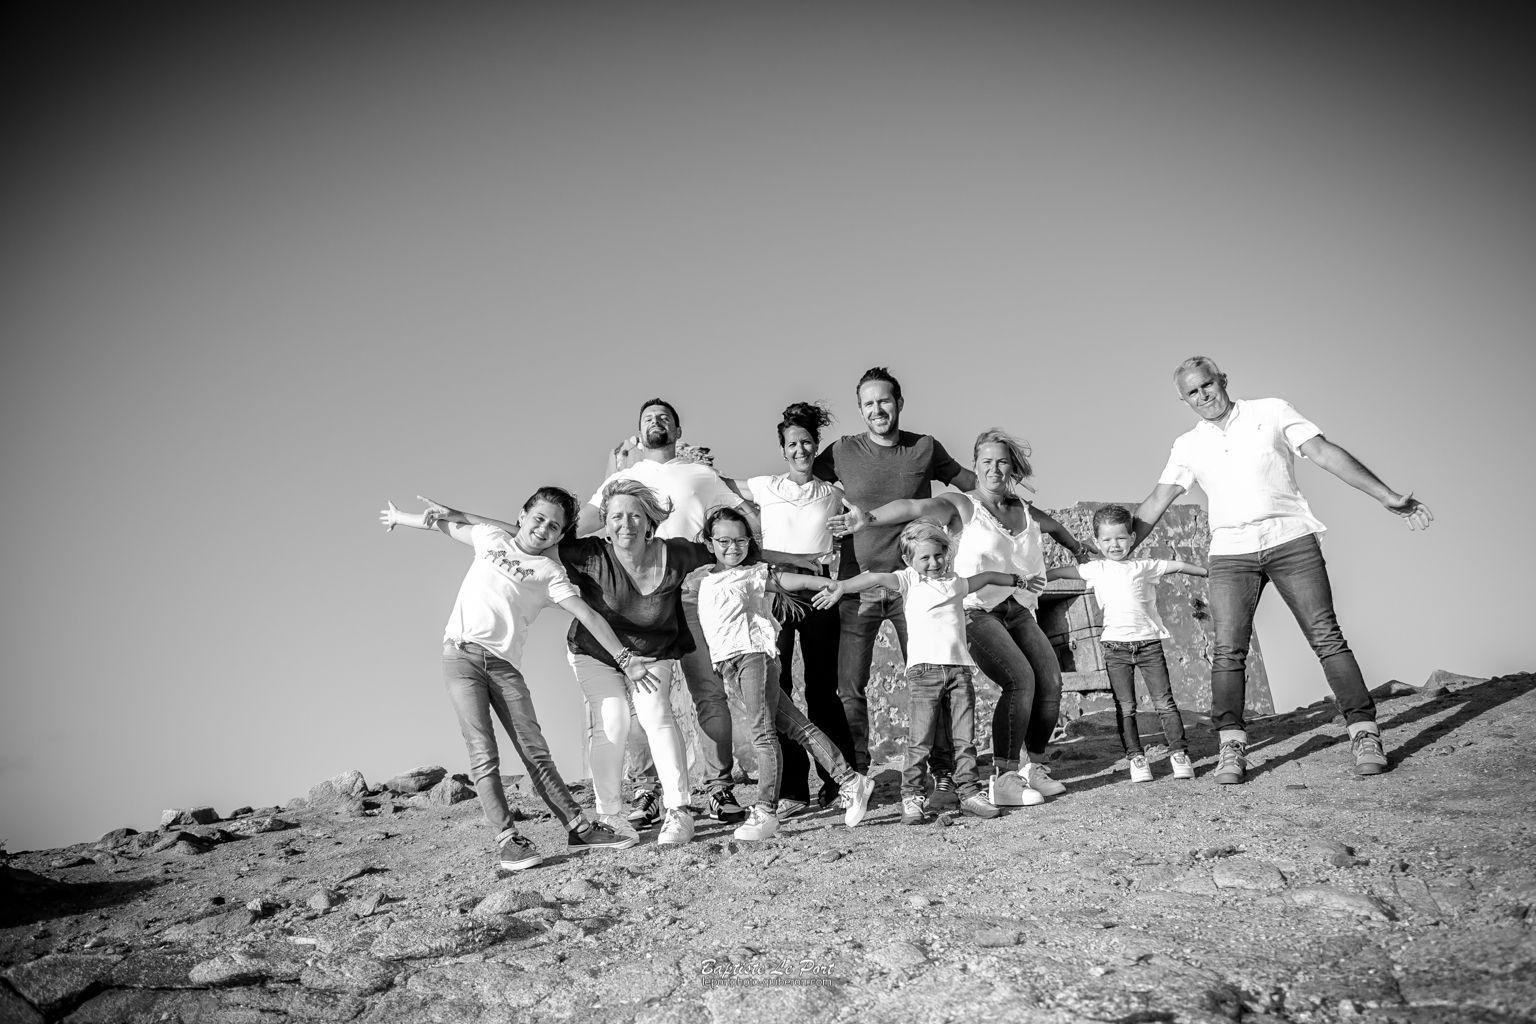 30 juillet - Séance à la pointe du Perchot avec la famille Lamour